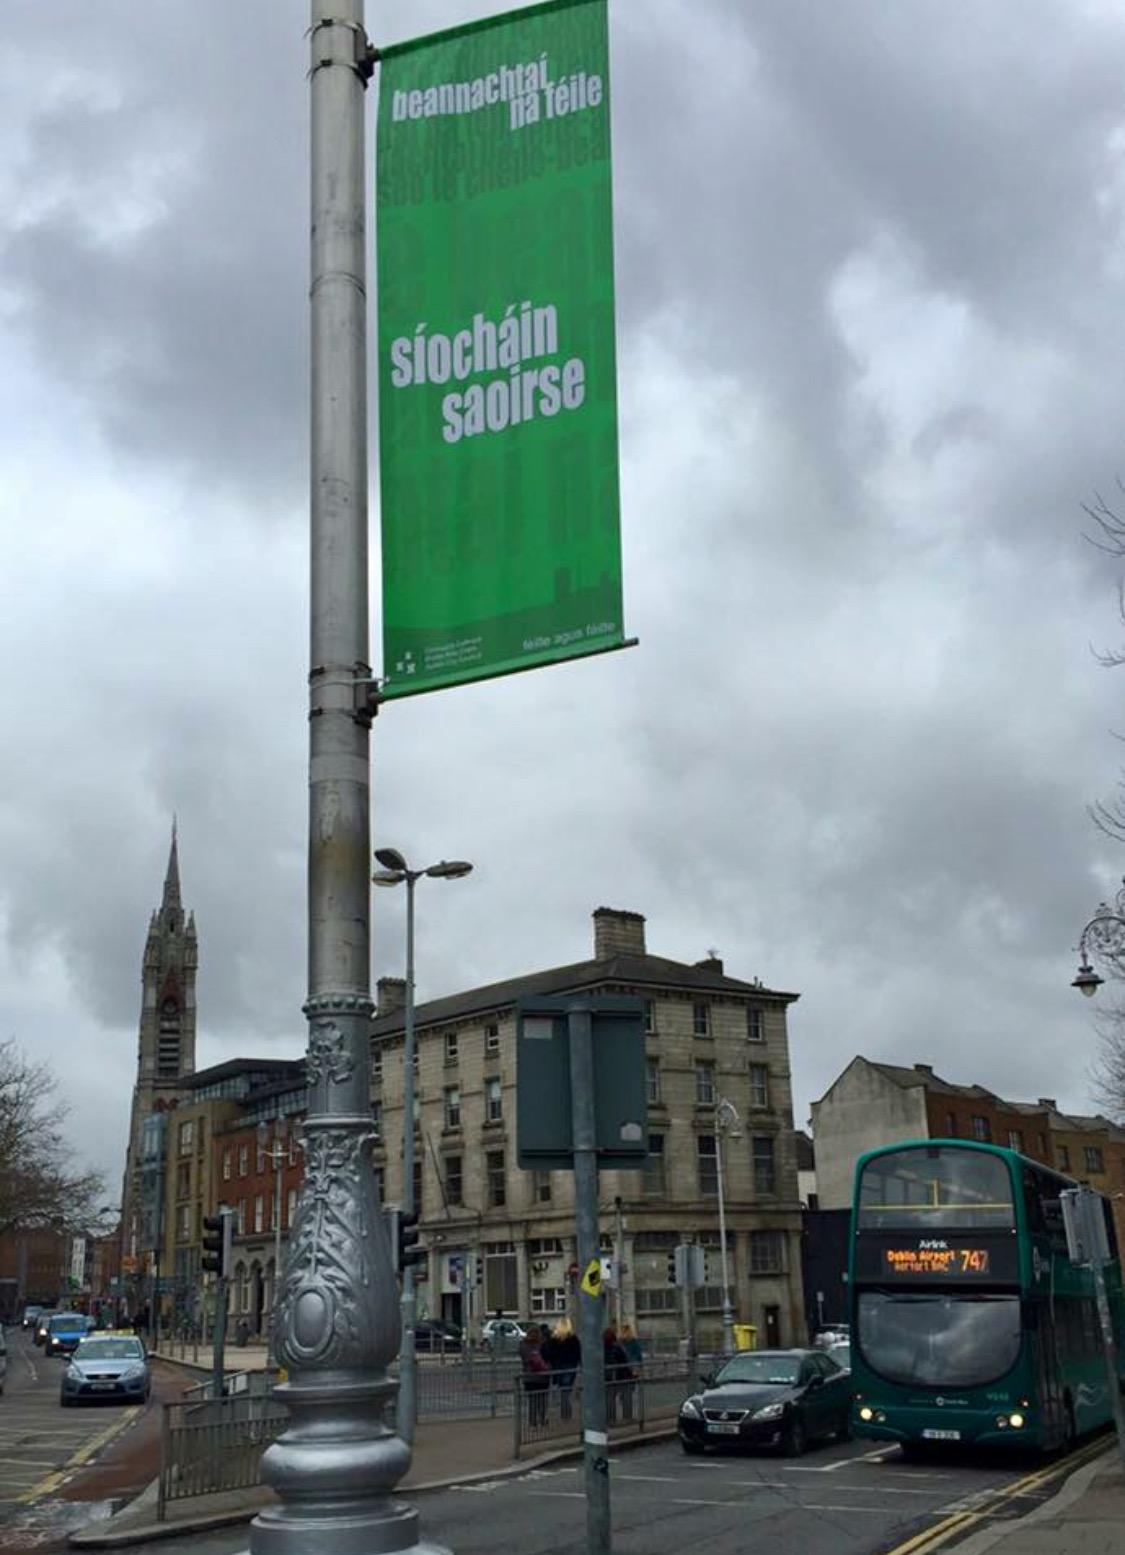 Seachtain na Gaeilge Street Banners